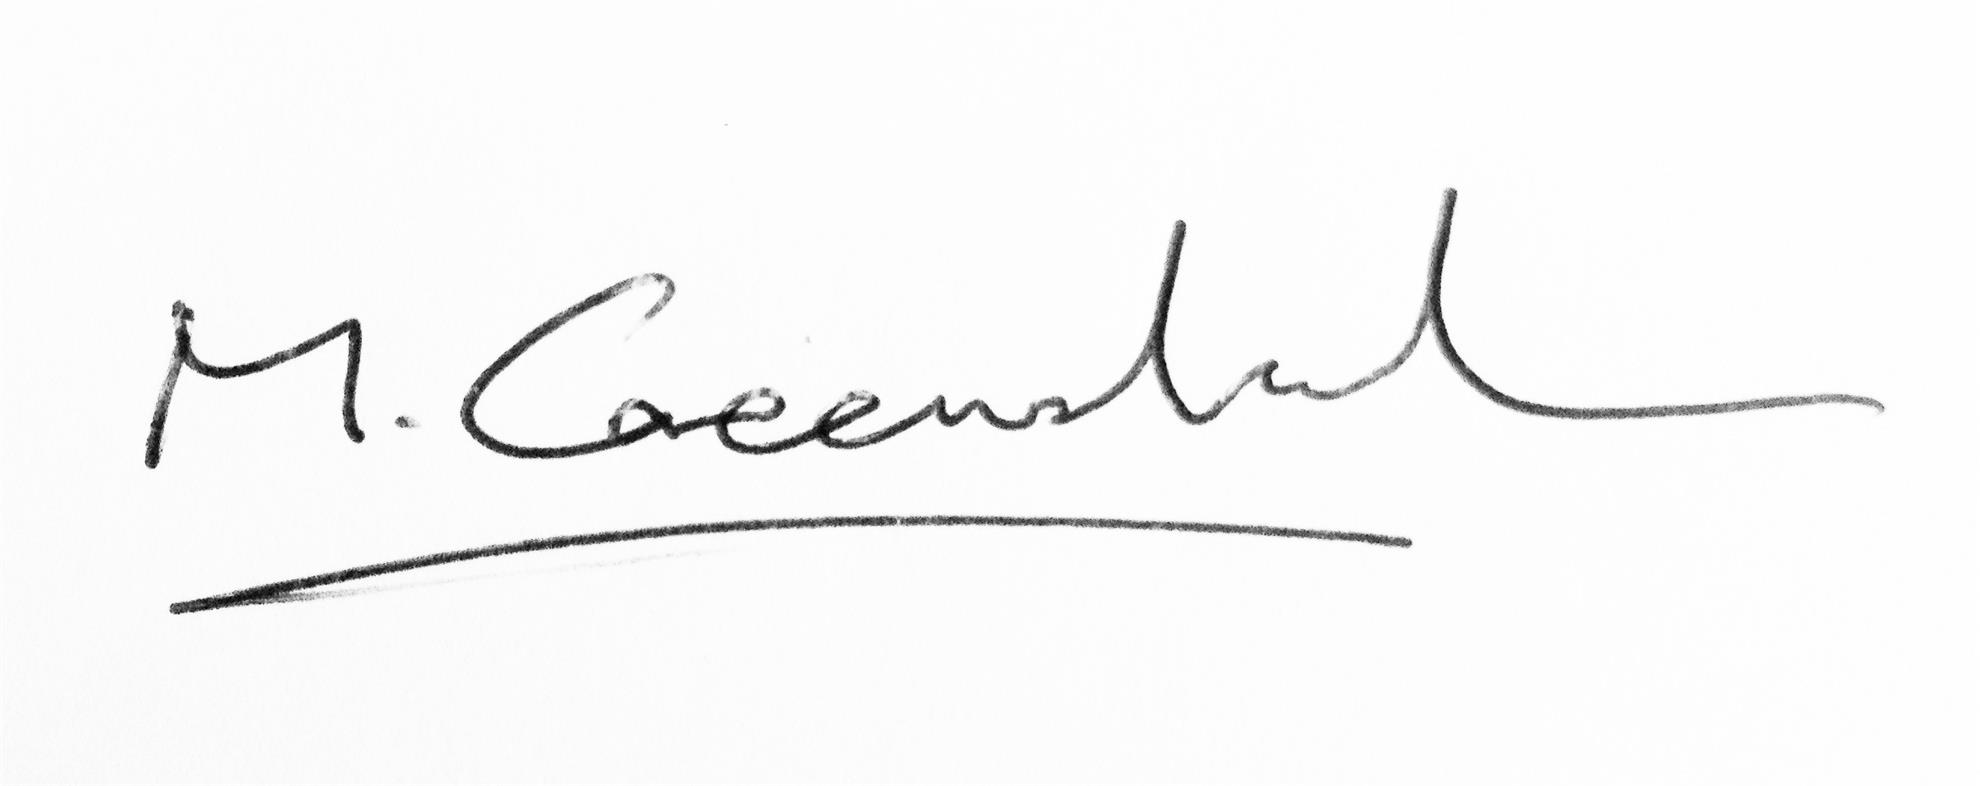 http://content.delivra.com/etapcontent/ShelterBoxAustralia/MG-signature_2596.jpg